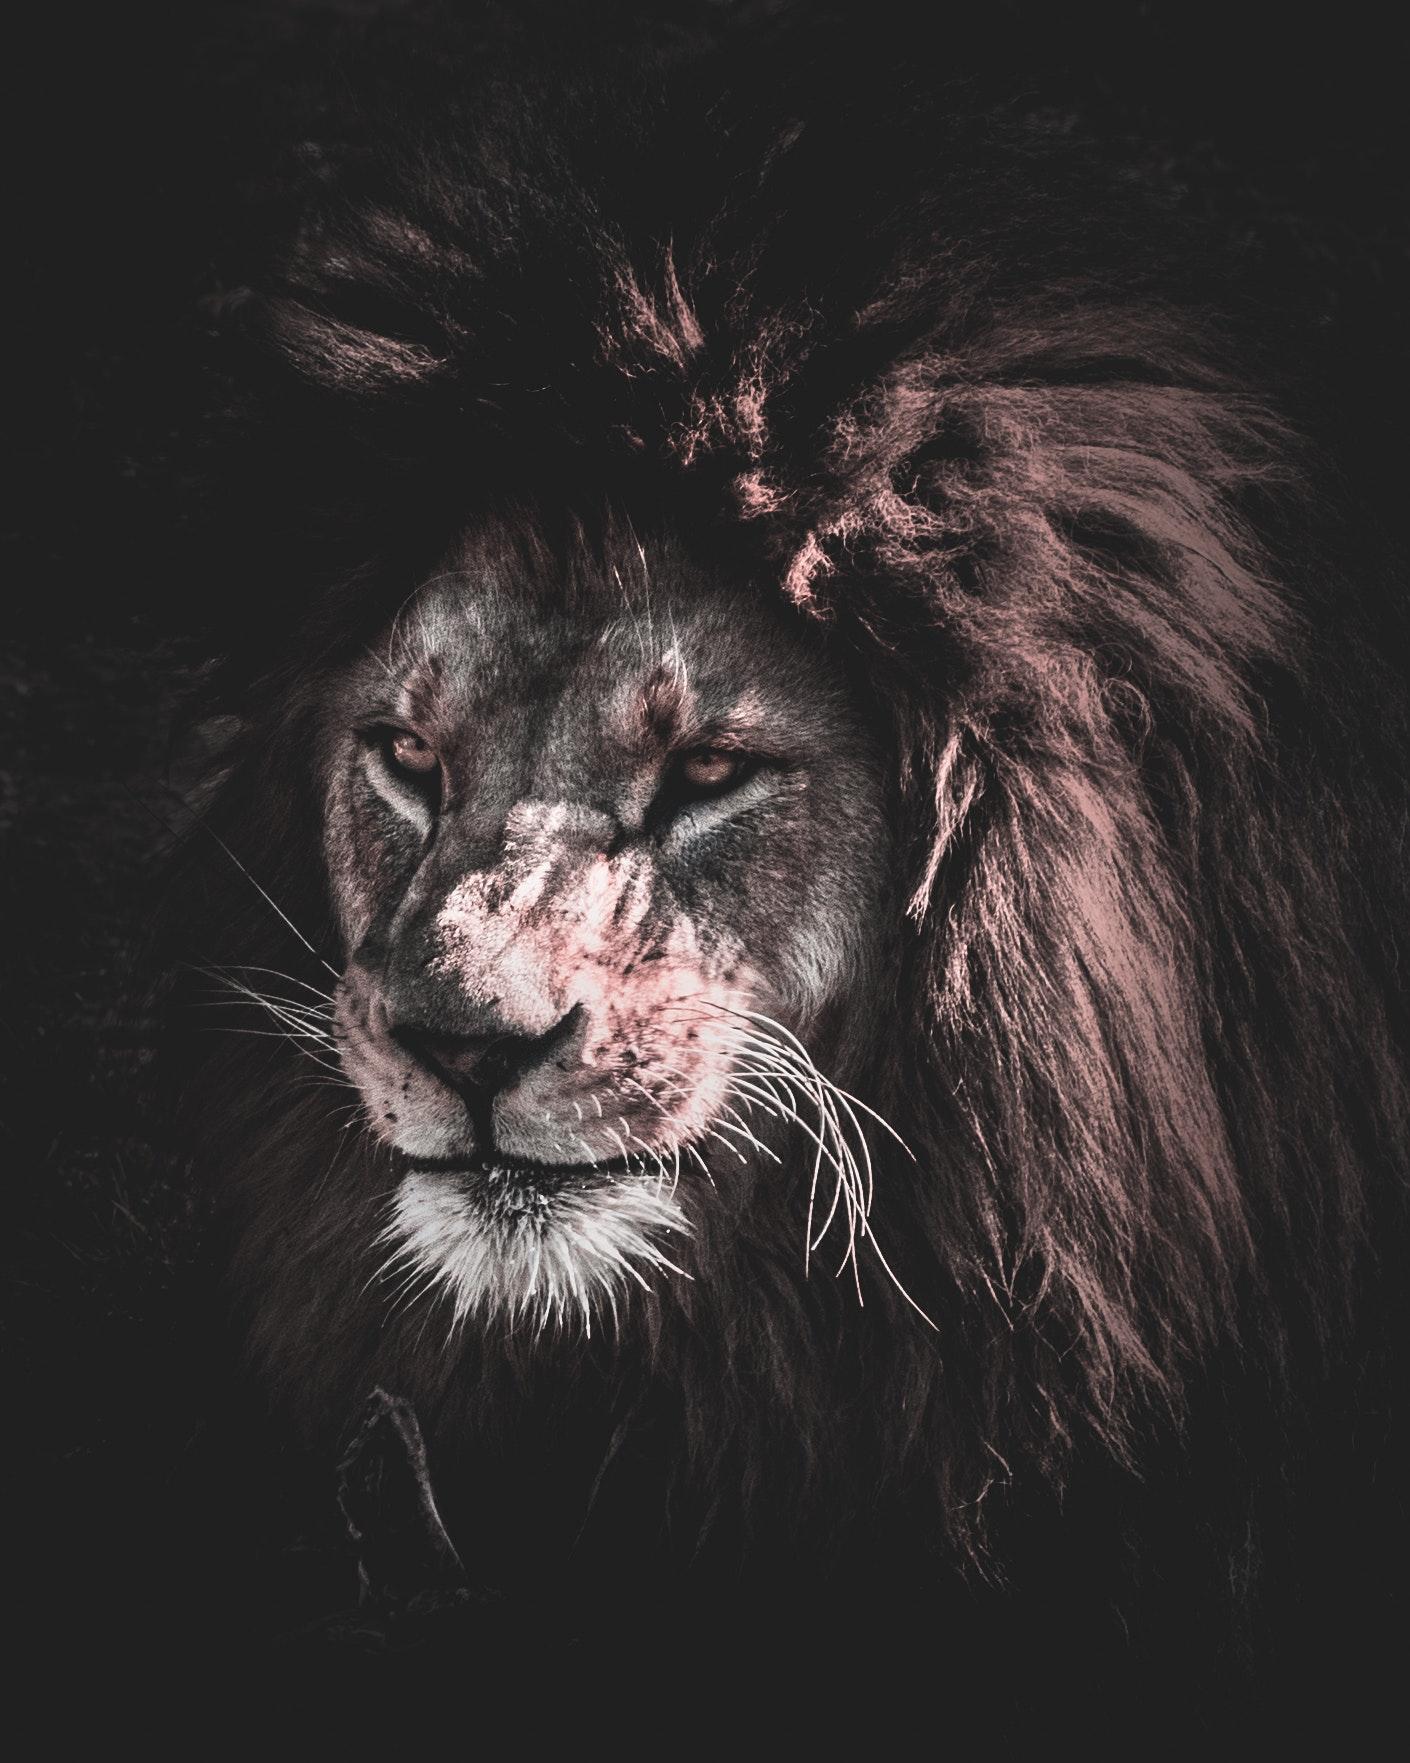 100 Löwe Fotos Pexels Kostenlose Stock Fotos